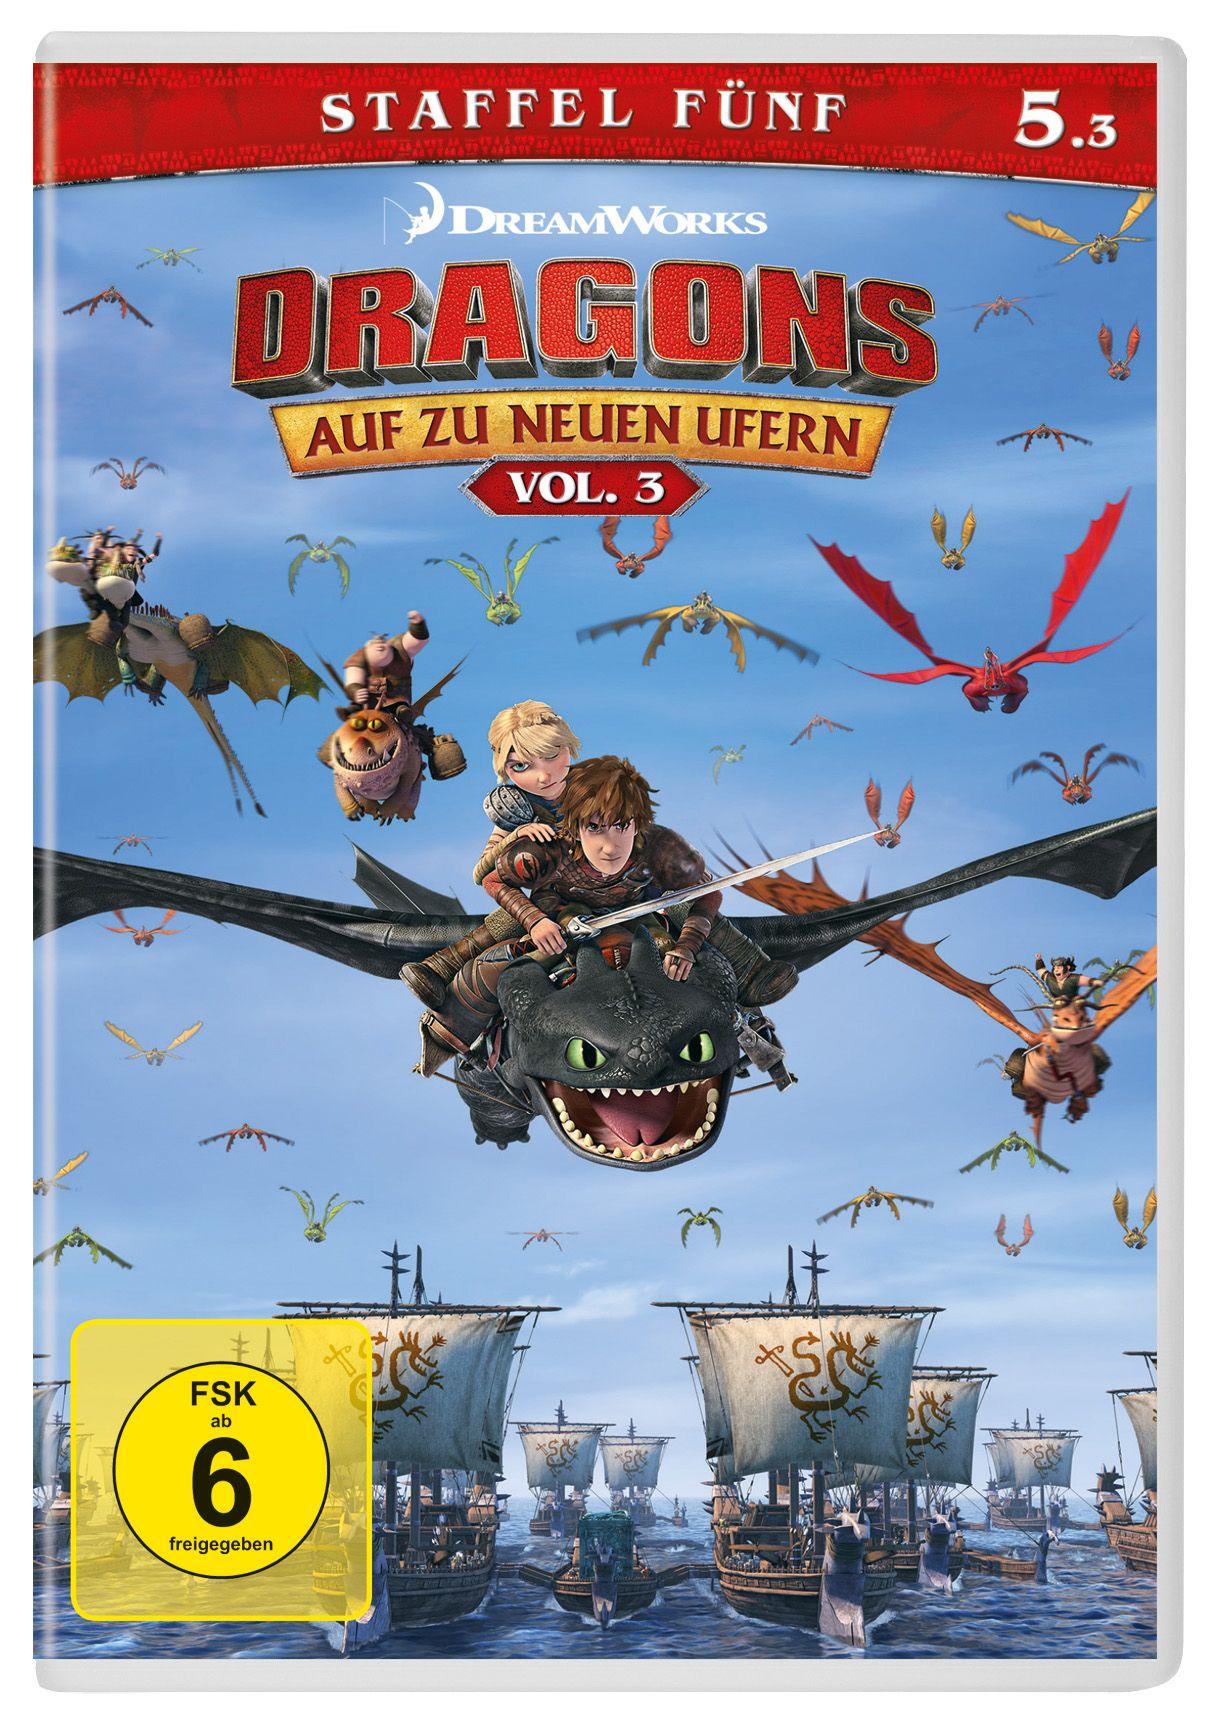 Ohnezahn Und Hicks In Dragons Auf Zu Neuen Ufern Staffel 5 Vol 3 Dreamworks Dragons Dreamworks Animationsfilme